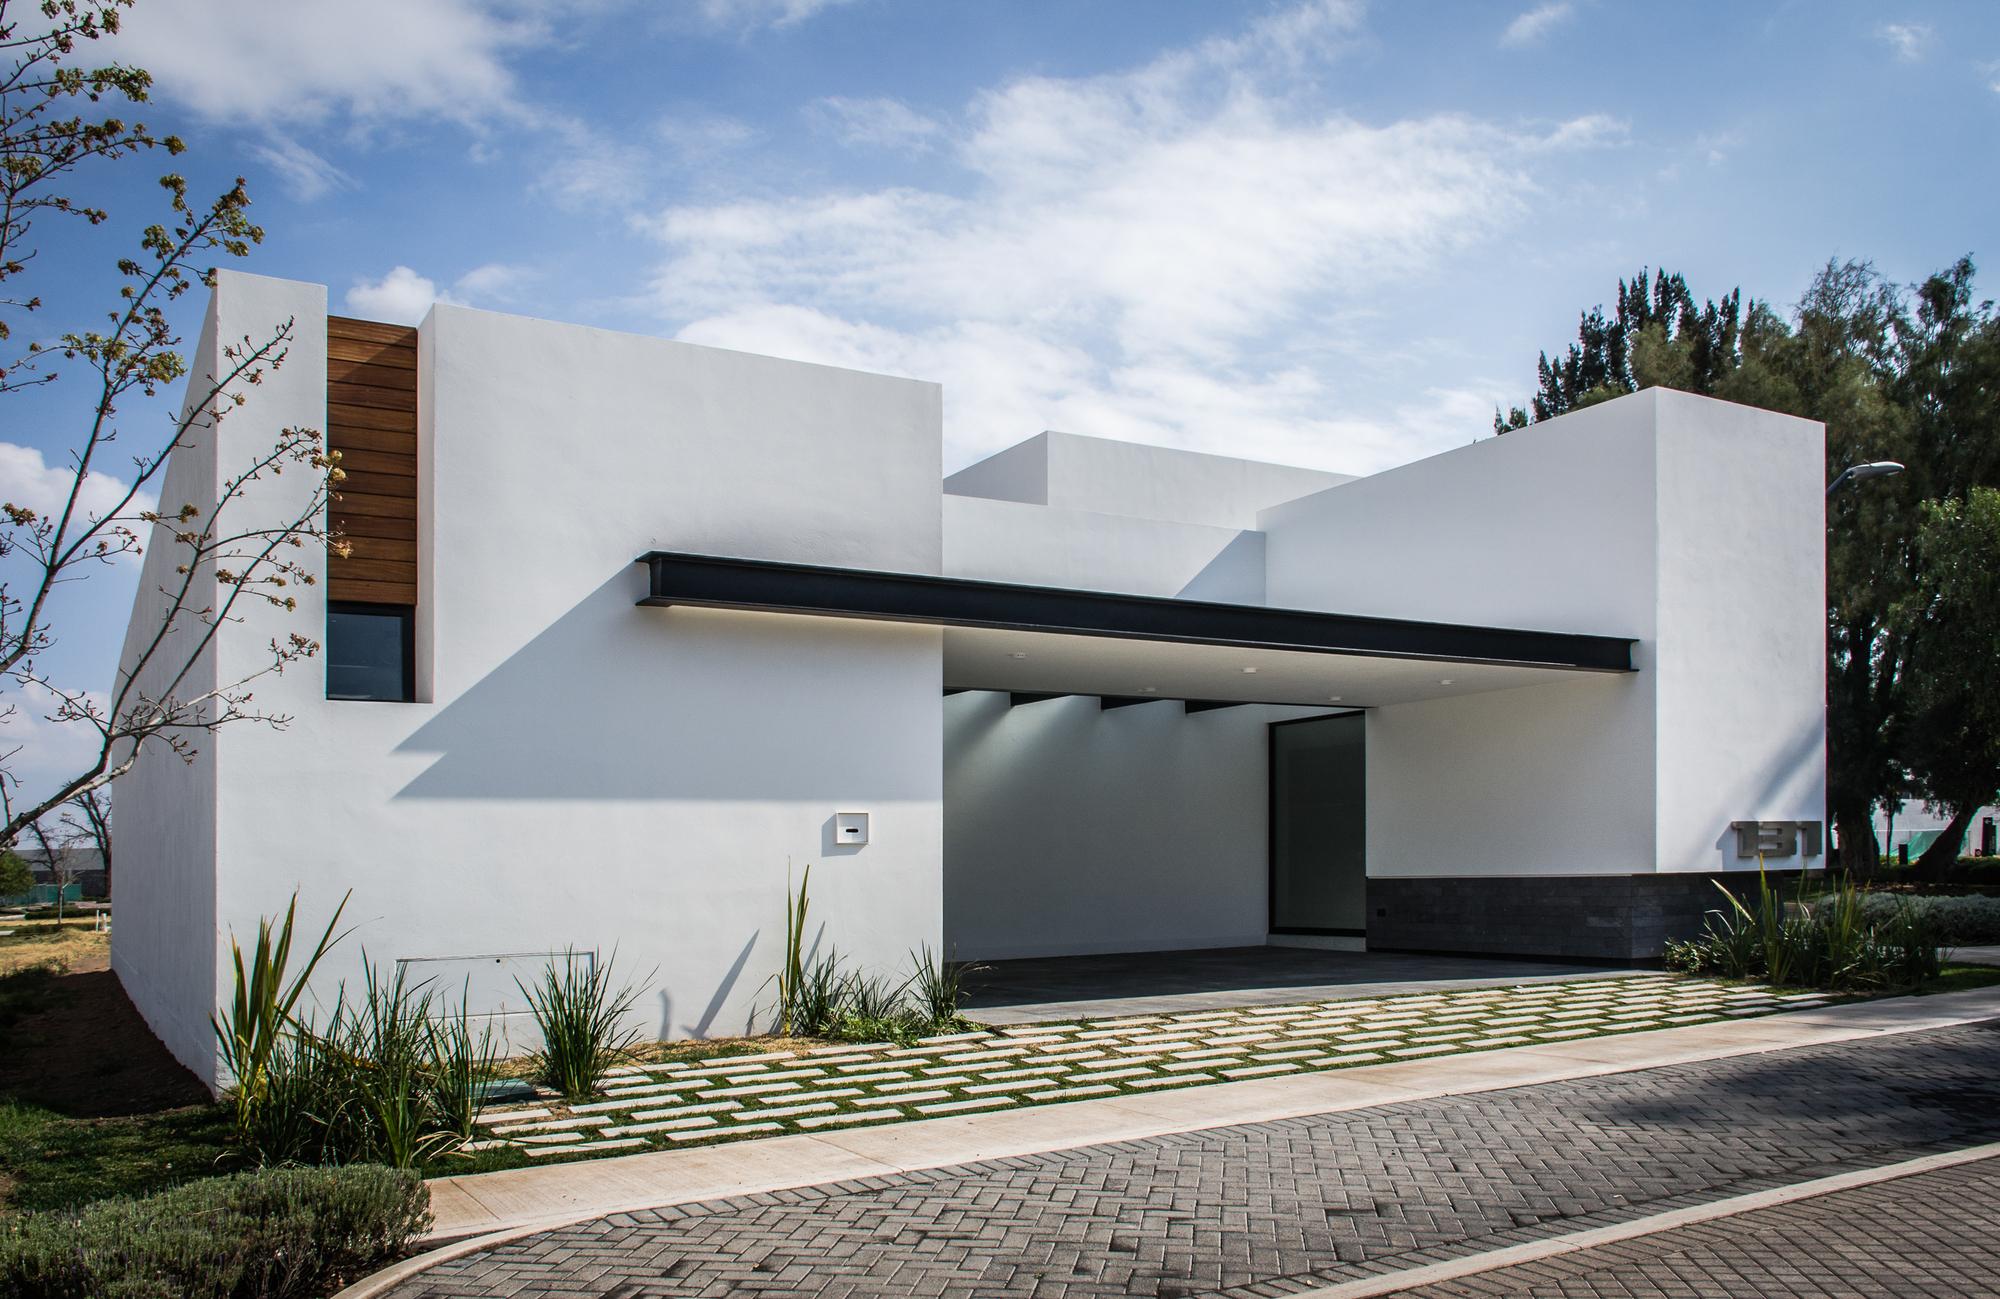 Galer a de casa agr adi arquitectura y dise o interior 21 - Arquitectura y diseno ...